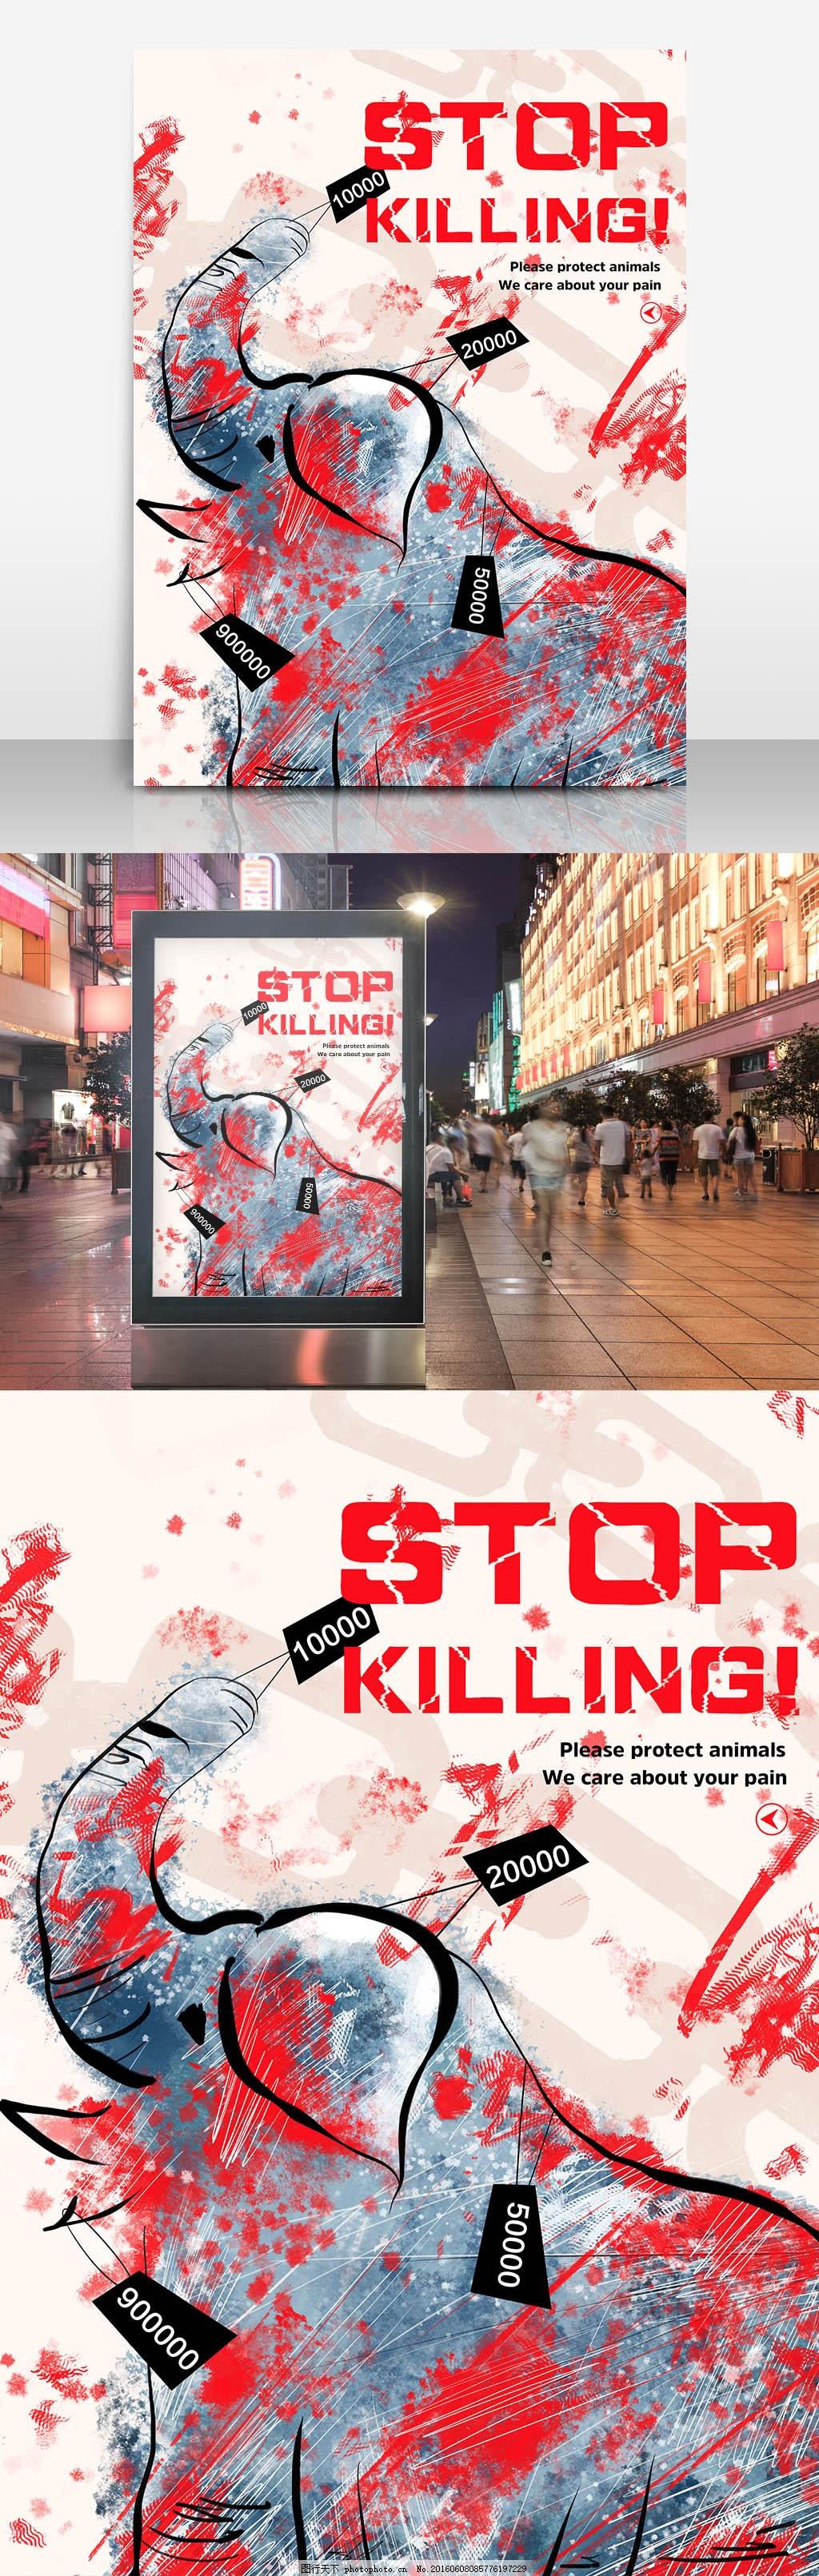 保护动物手绘公益海报